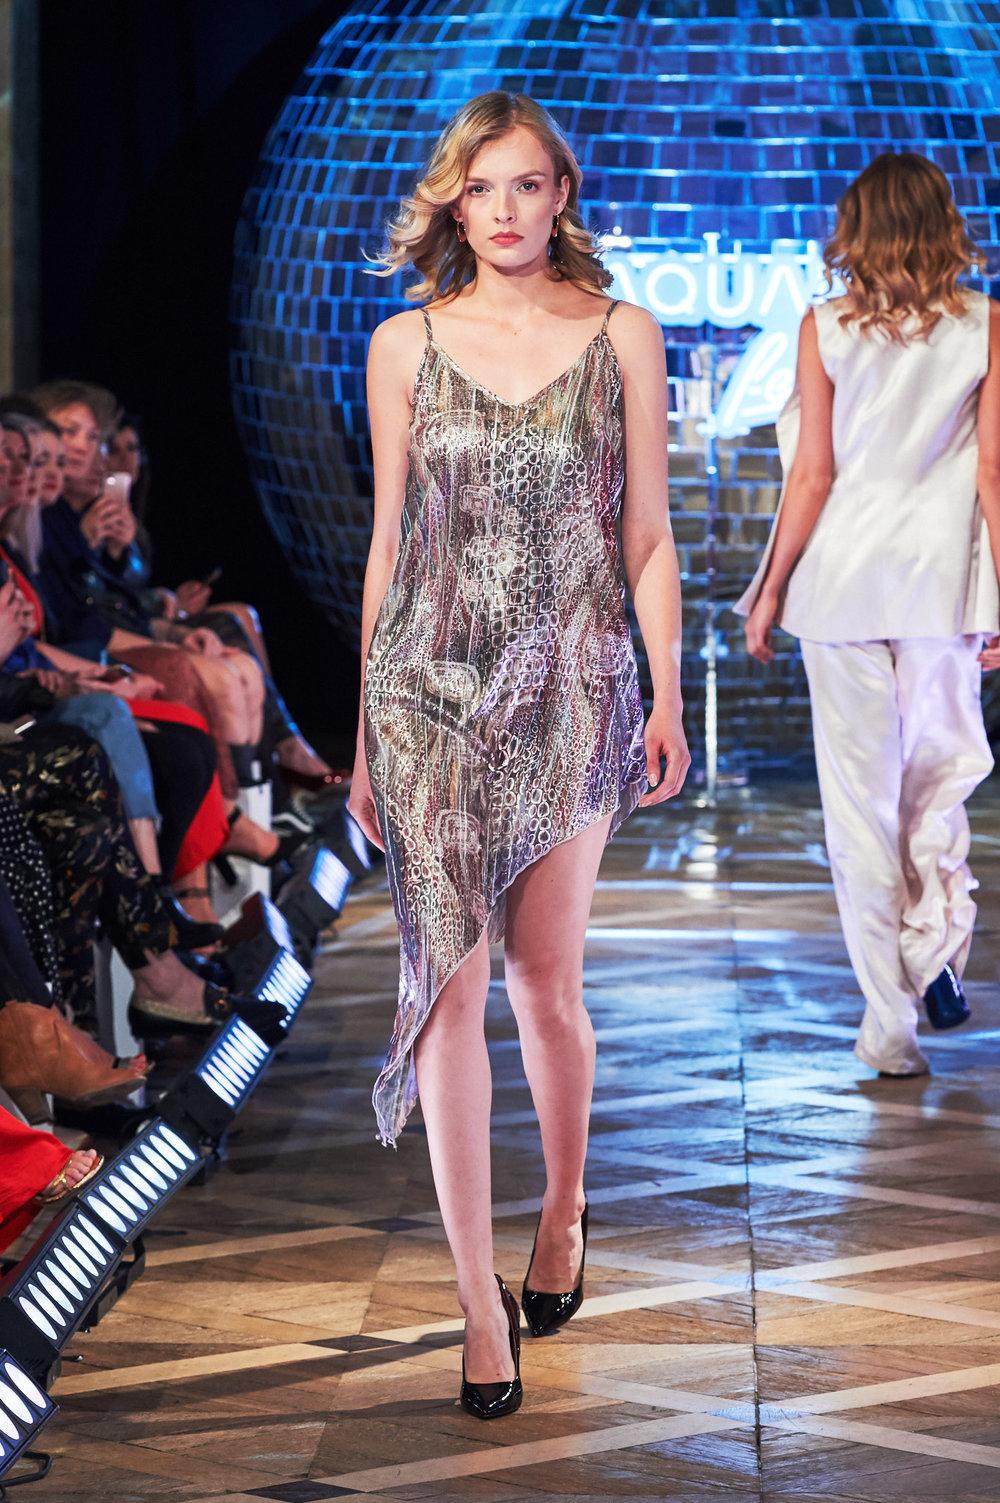 22_ZAQUAD_090519_lowres-fotFilipOkopny-FashionImages.jpg